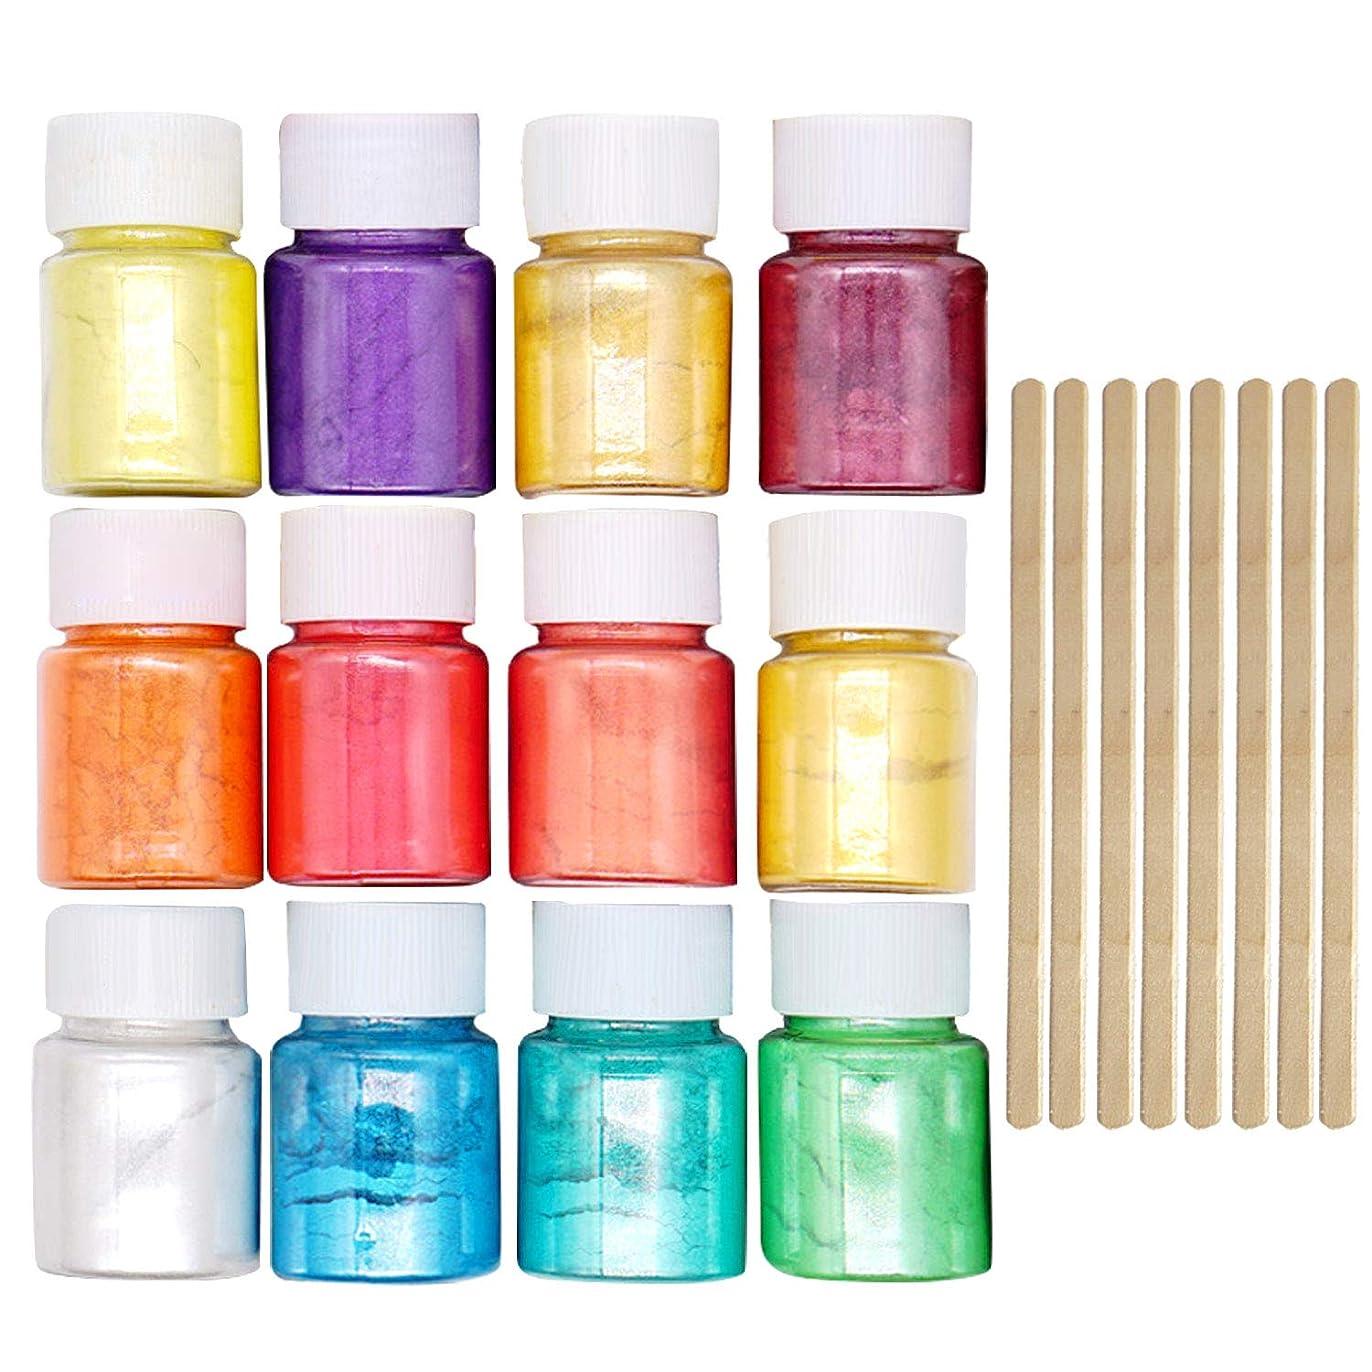 モノグラフ節約するより良いマイカパウダー Migavan マイカパールパウダー 12色着色剤顔料雲母真珠パウダーで8ピース木製攪拌棒diyネイルアートクラフトプロジェクトスライム作り用品